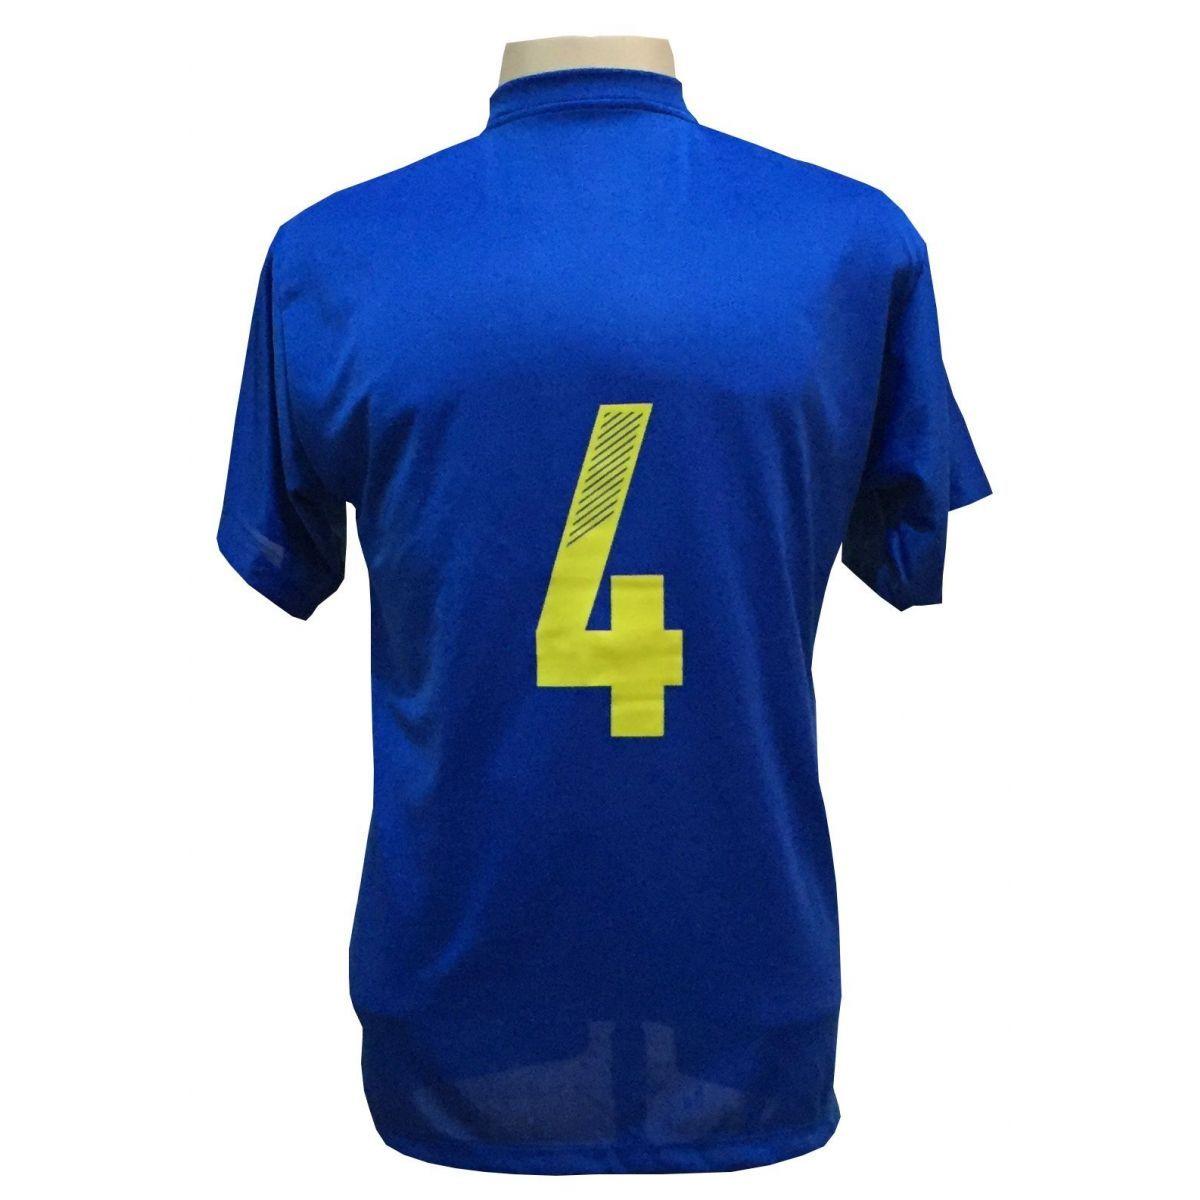 Jogo de Camisa com 14 unidades modelo Boca Juniors Royal/Amarelo + 1 Camisa de Goleiro